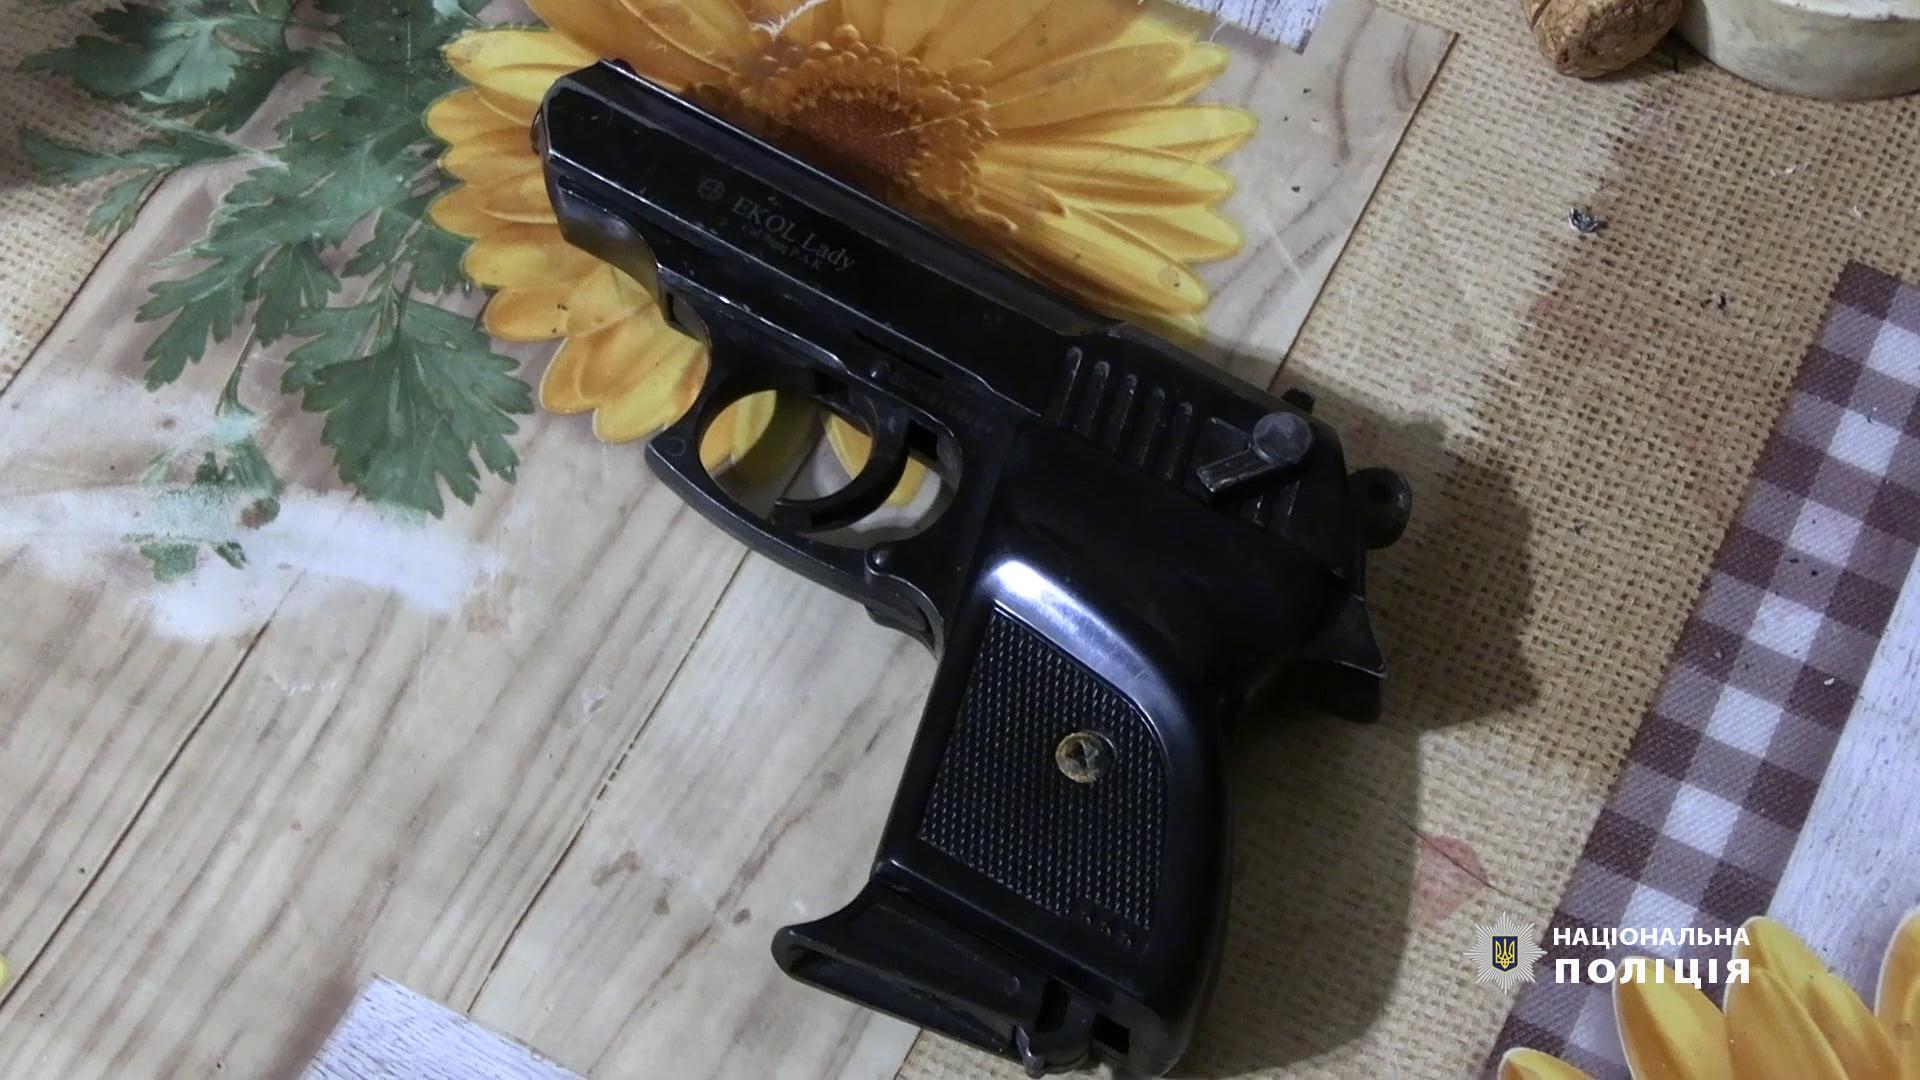 У Тульчинському районі чоловік влаштував стрілянину через ревнощі (Фото+Відео)